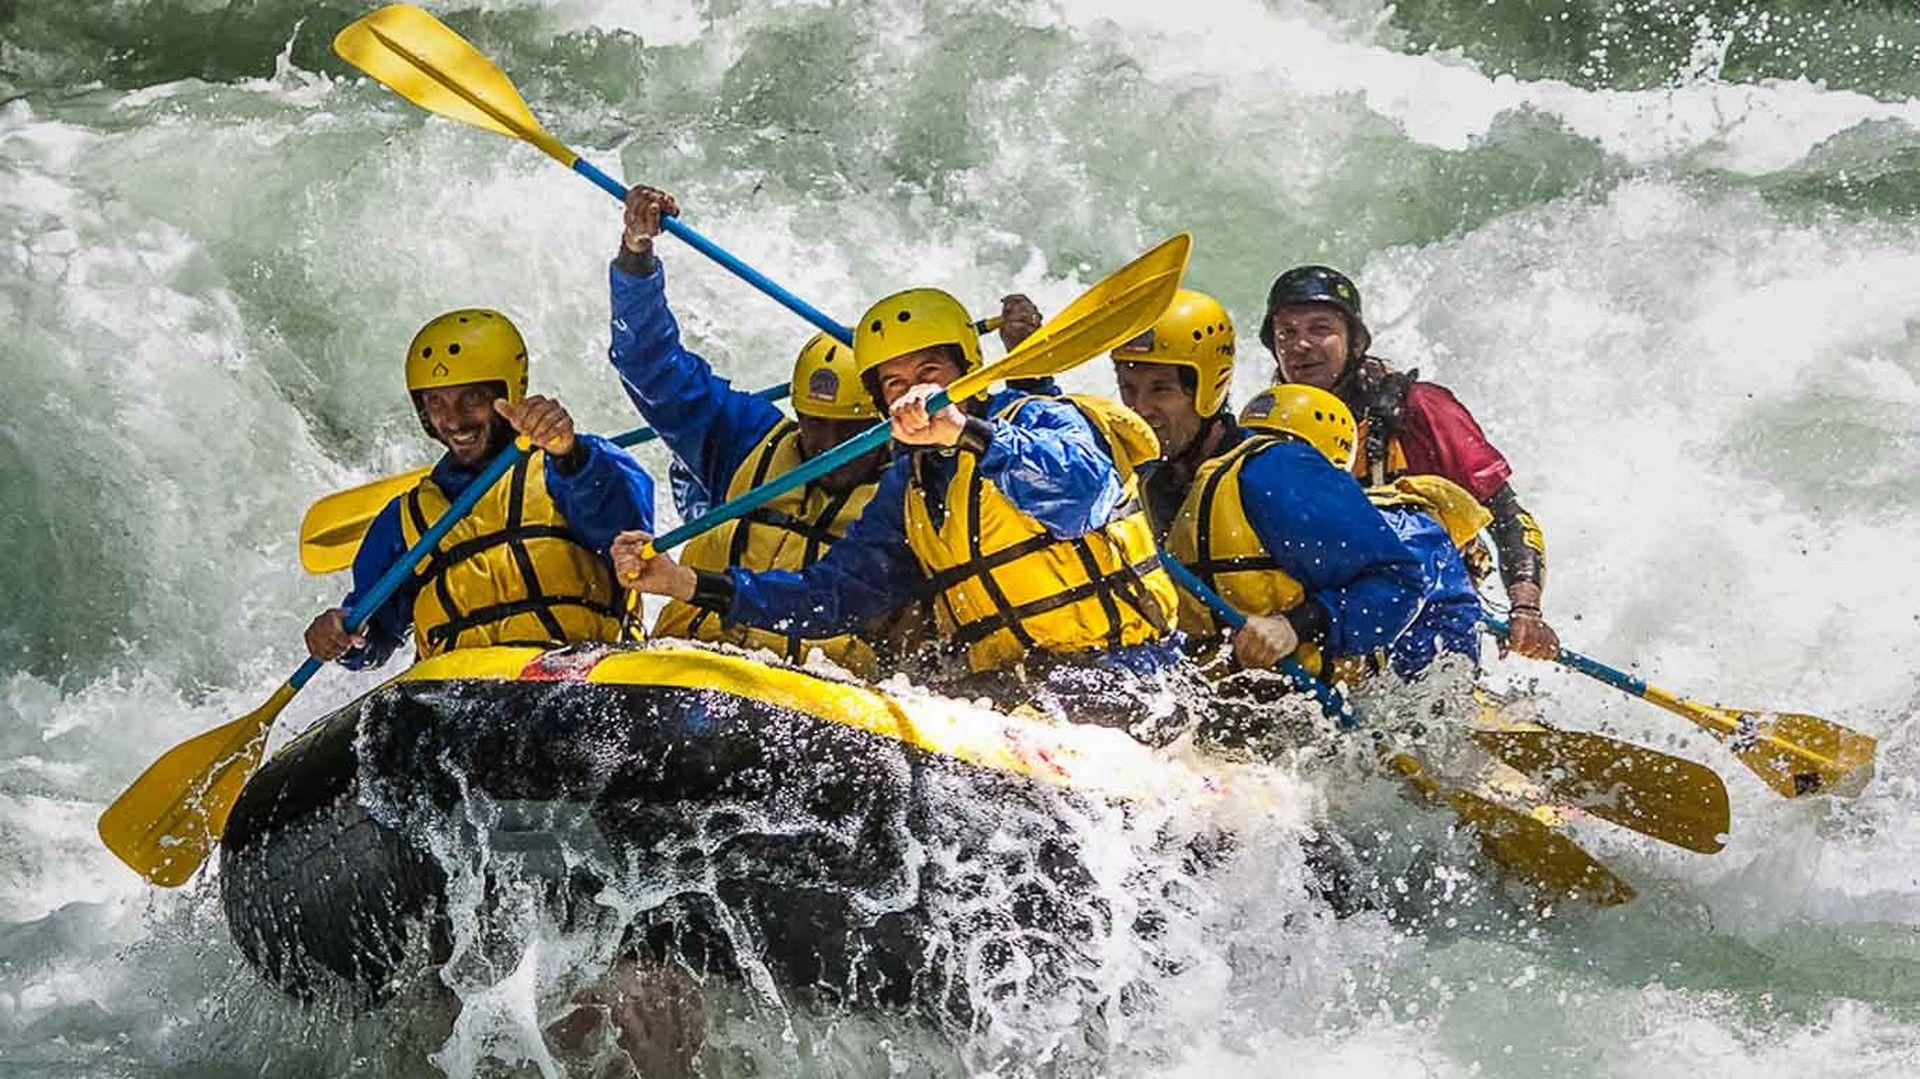 rafting wallpaper Rafting wallpaper 1920x1079